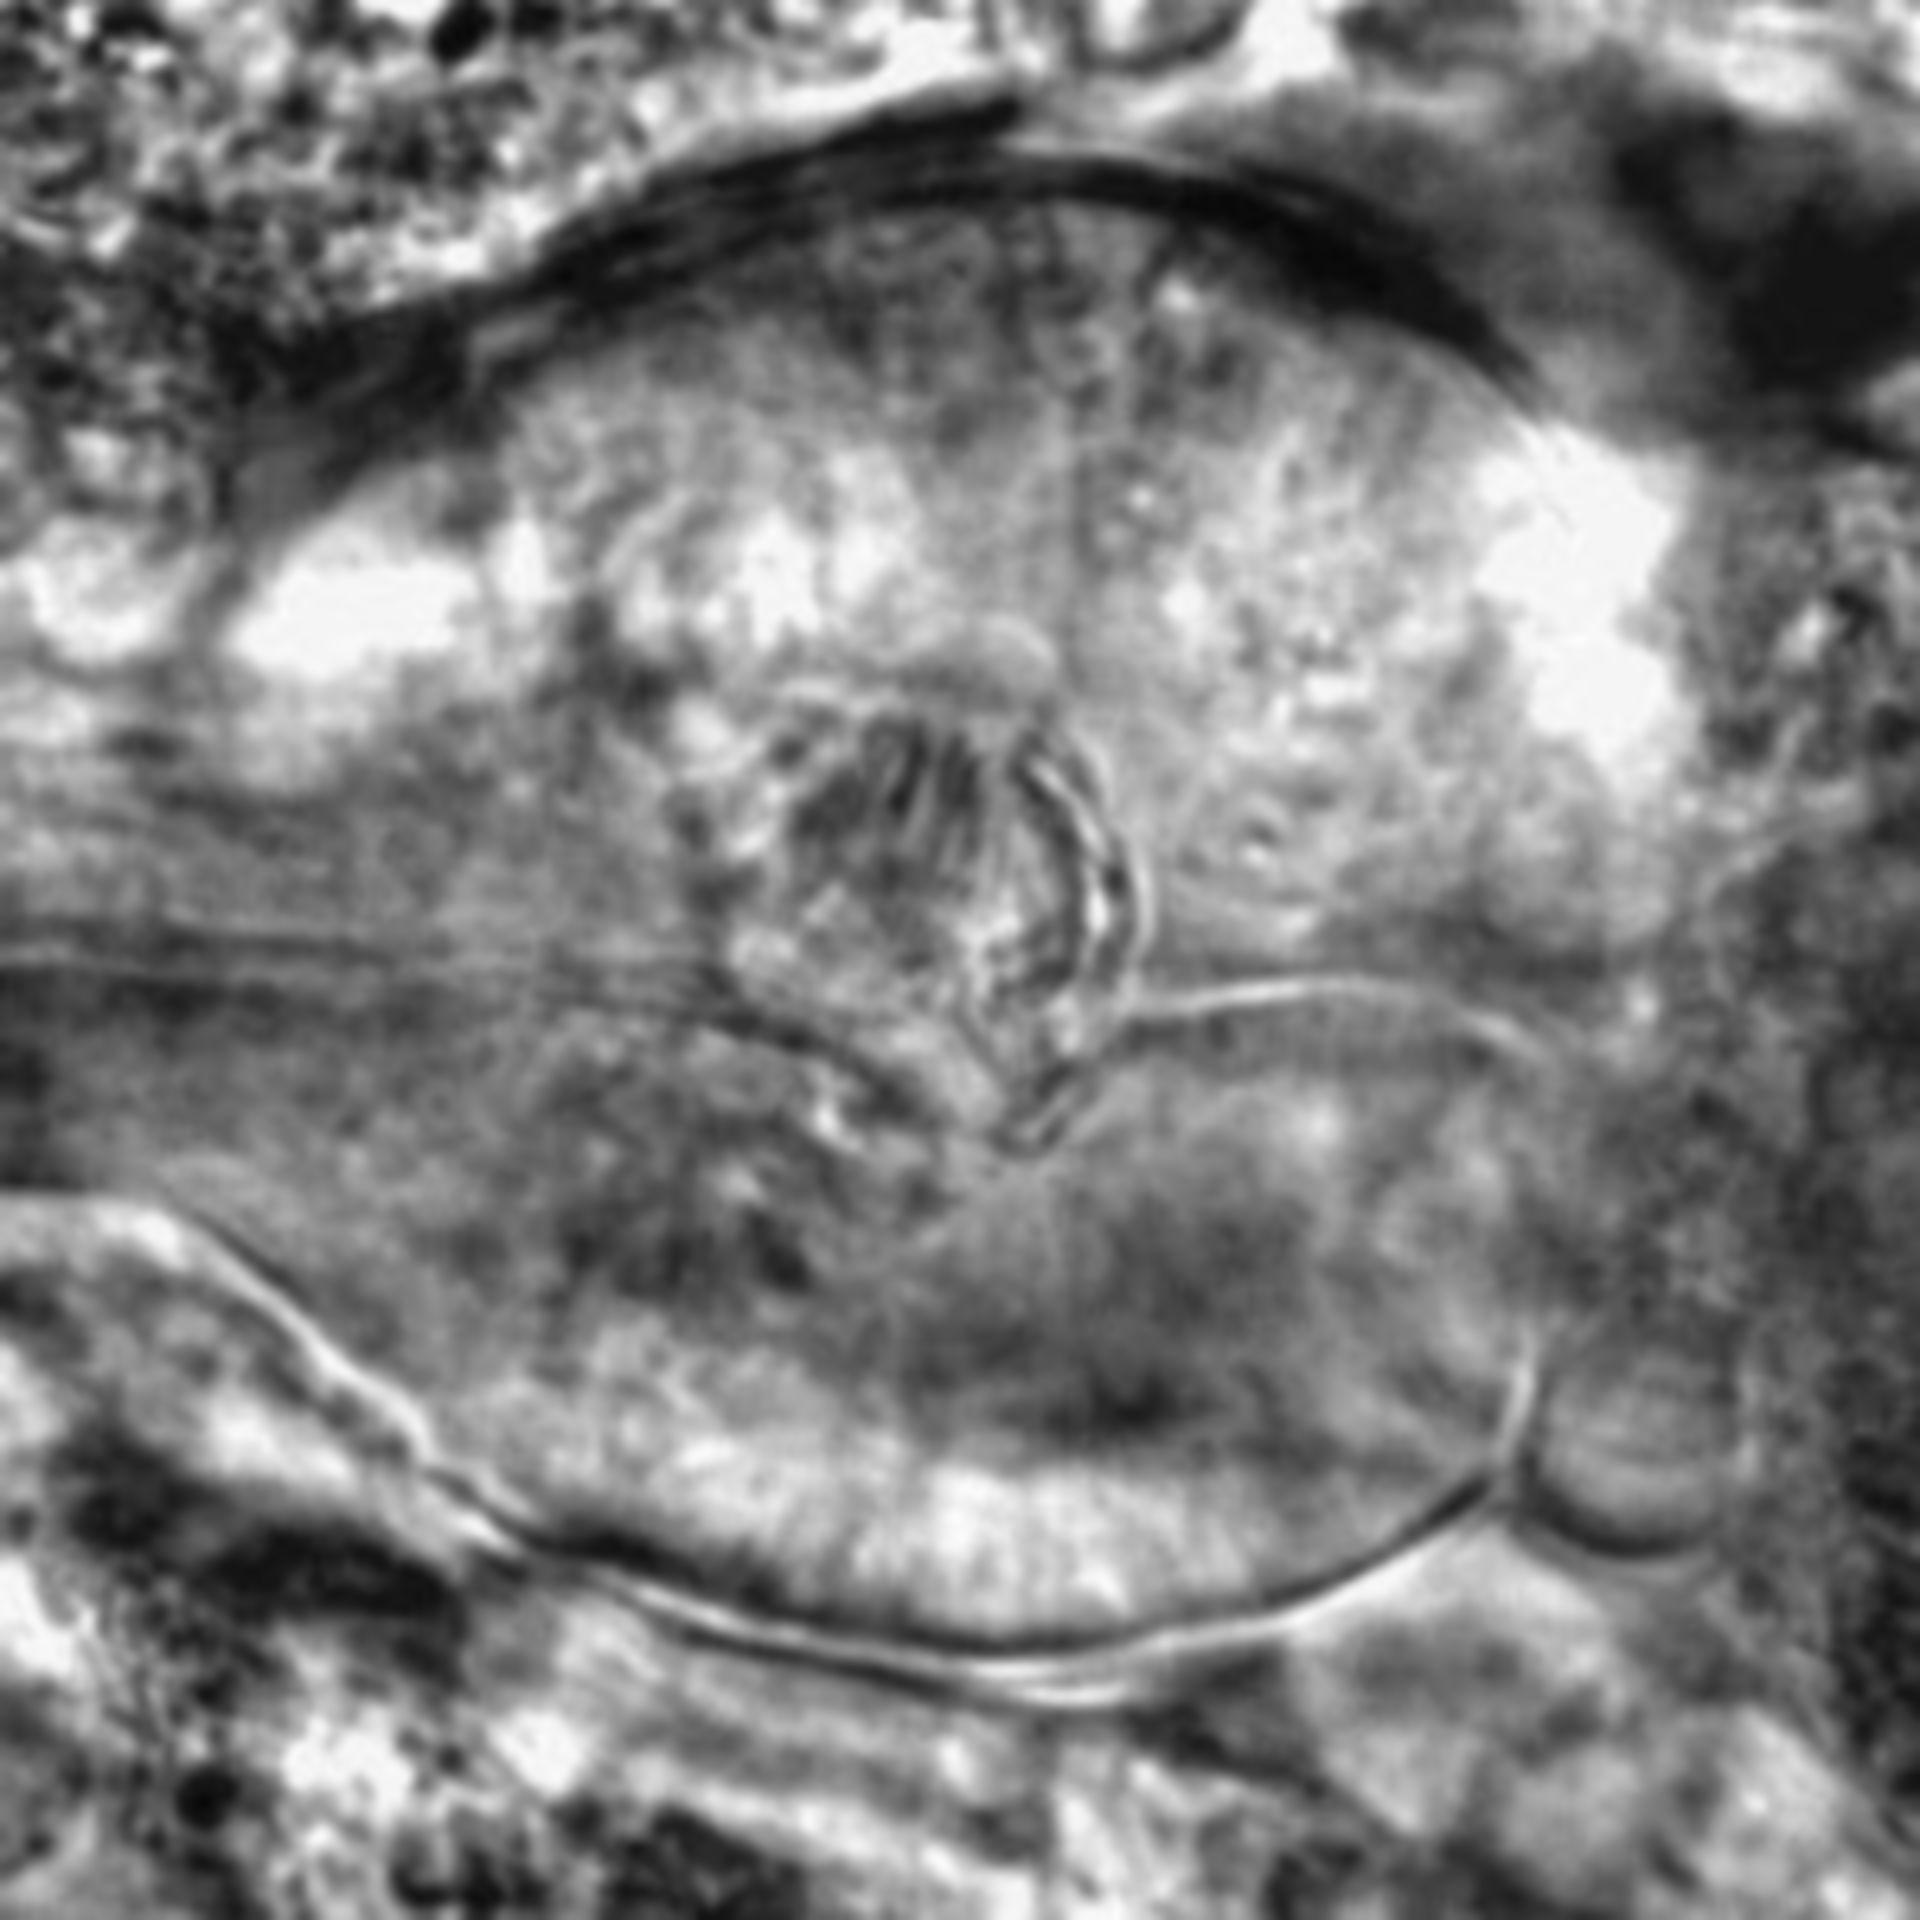 Caenorhabditis elegans - CIL:2238